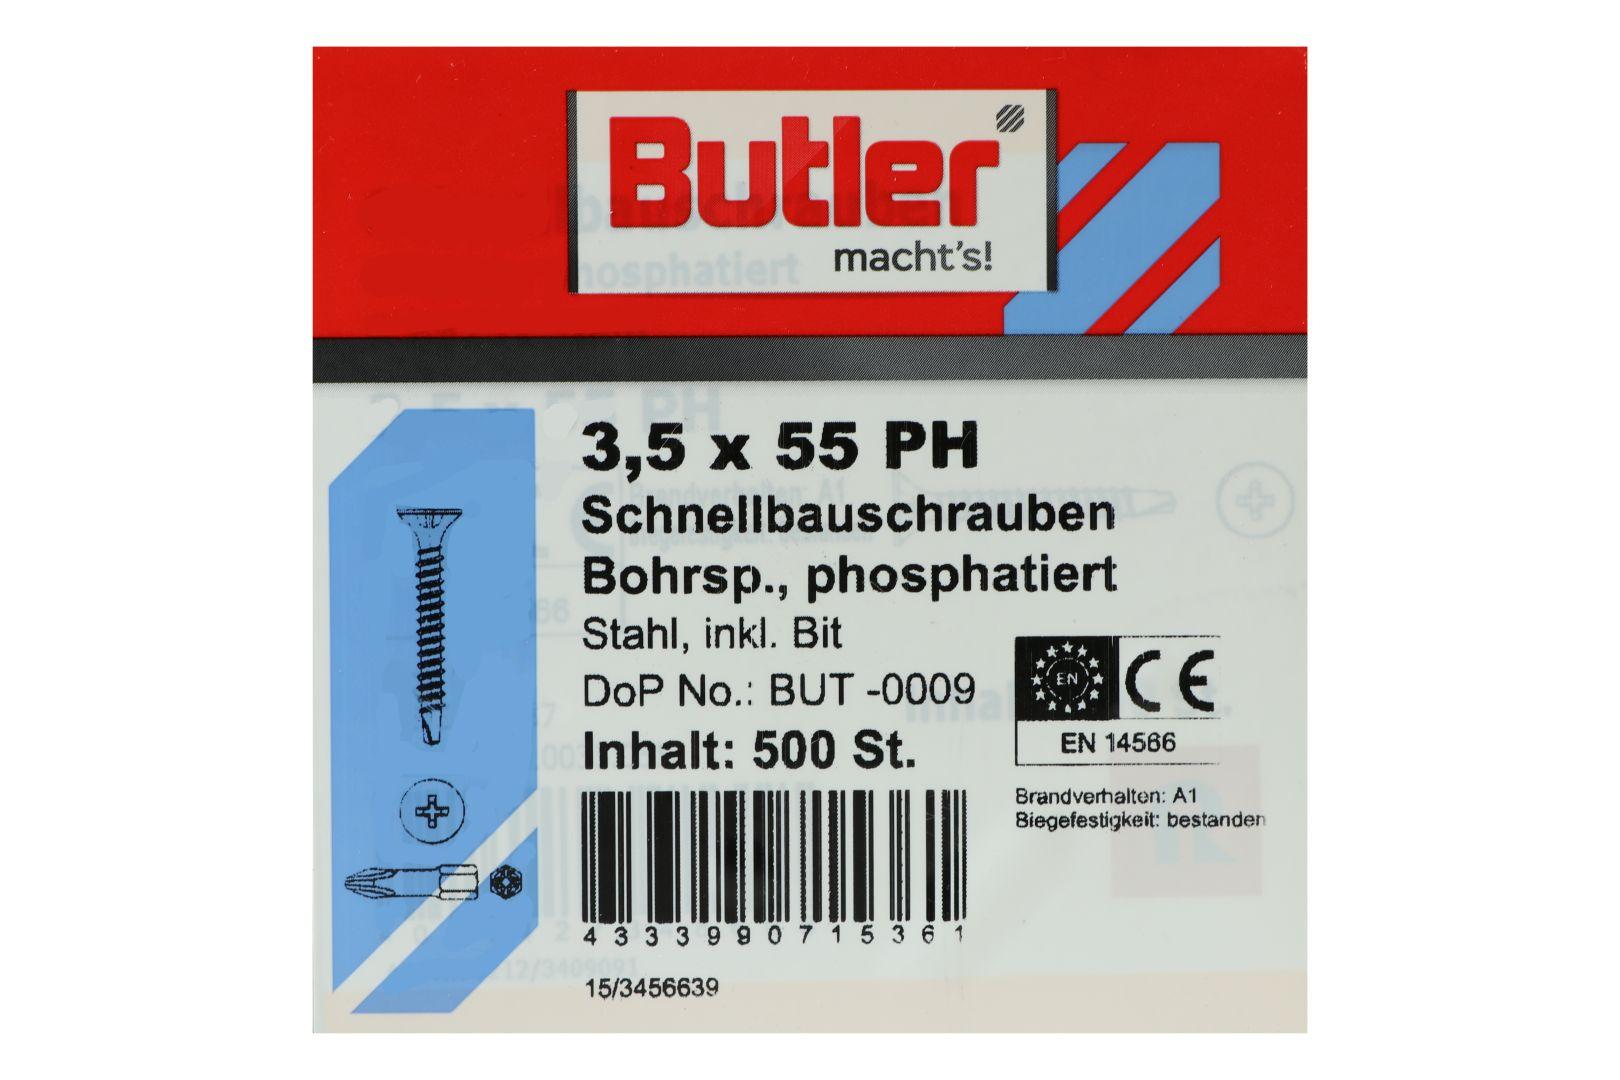 Butler macht's! Schnellbauschrauben inkl. Bit für Gipsplatten auf Metall 0,6 bis 2 mm, Bohrspitze, Feingewinde, PH2, 3,5 x 55 mm, 500 Stück